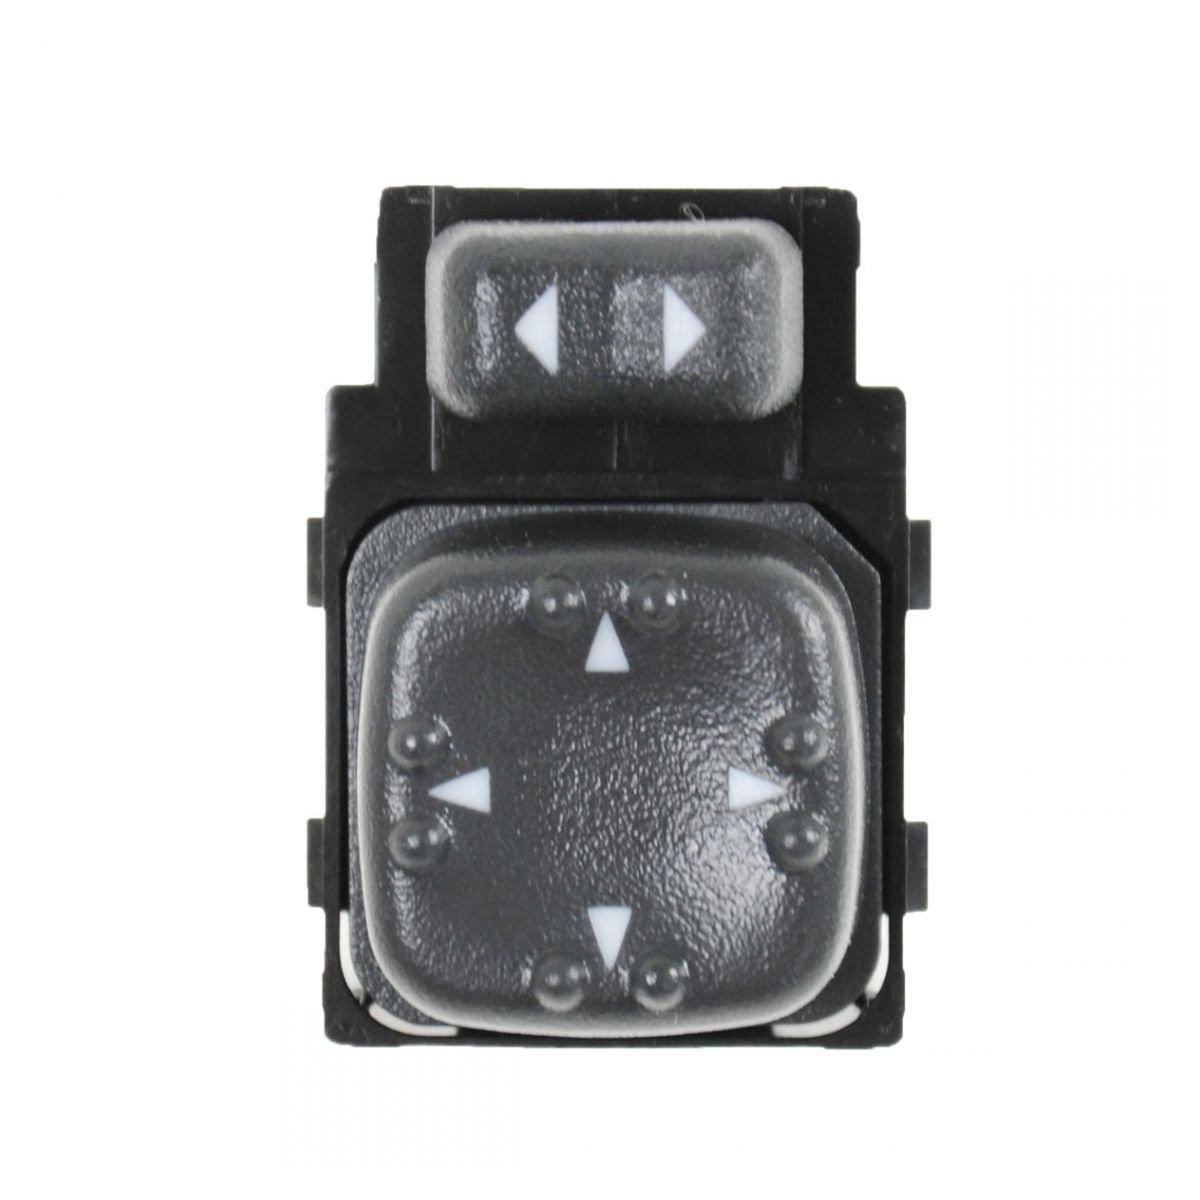 Power Mirror Switch Two Button for Silverado Sierra Tahoe Yukon Suburban Yukon